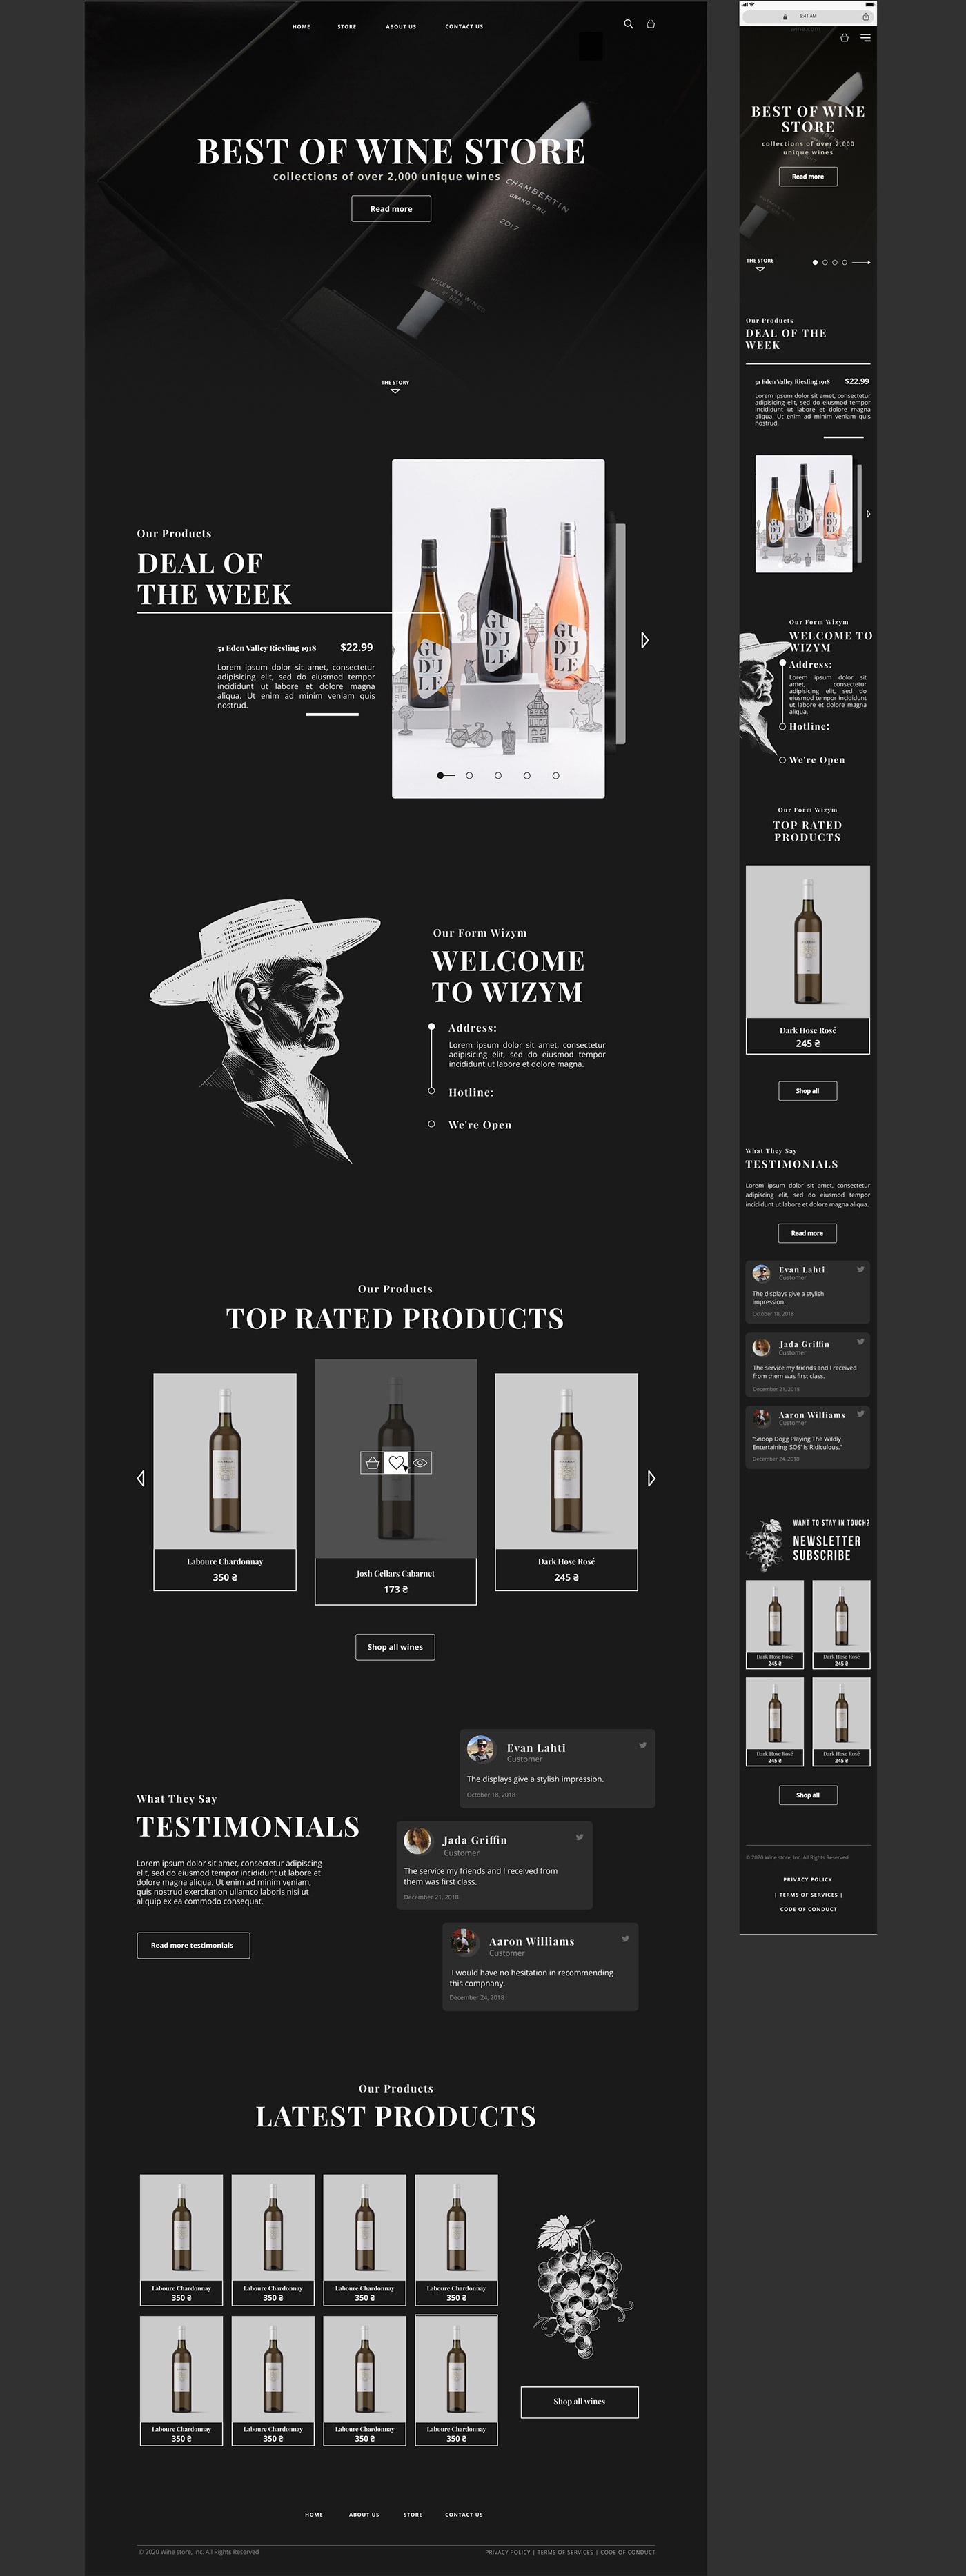 Wine store template design